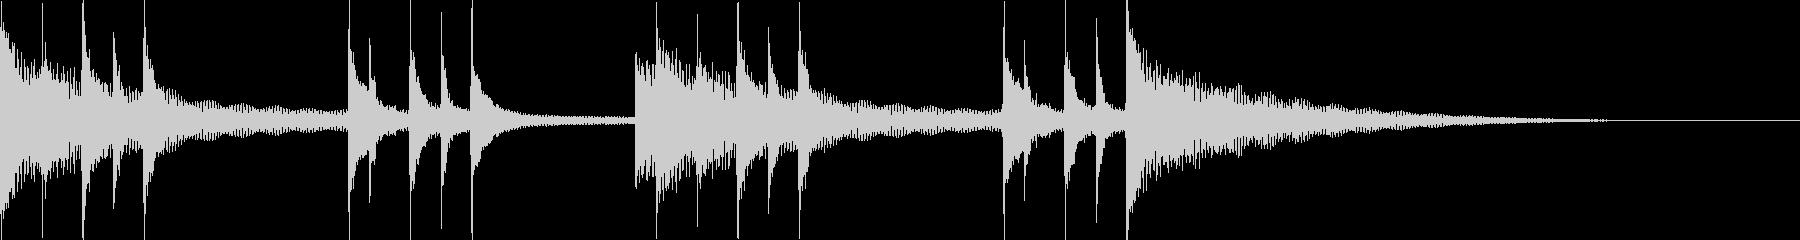 和風 サウンドロゴ 三味線+和太鼓+鼓の未再生の波形